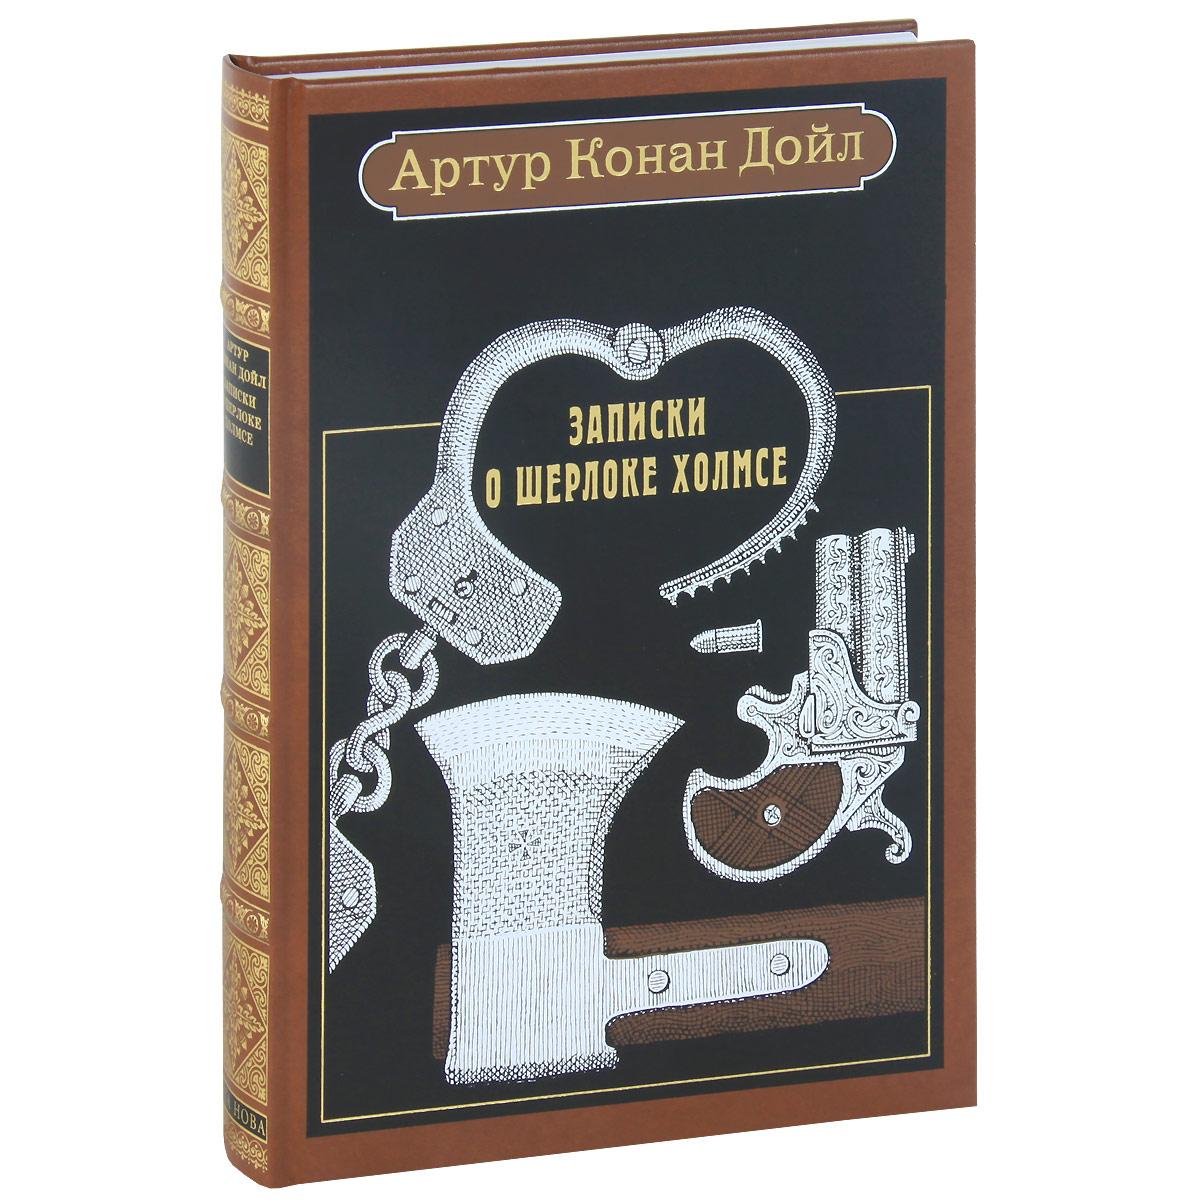 Артур Конан Дойл Записки о Шерлоке Холмсе (подарочное издание) эксмо записки о шерлоке холмсе